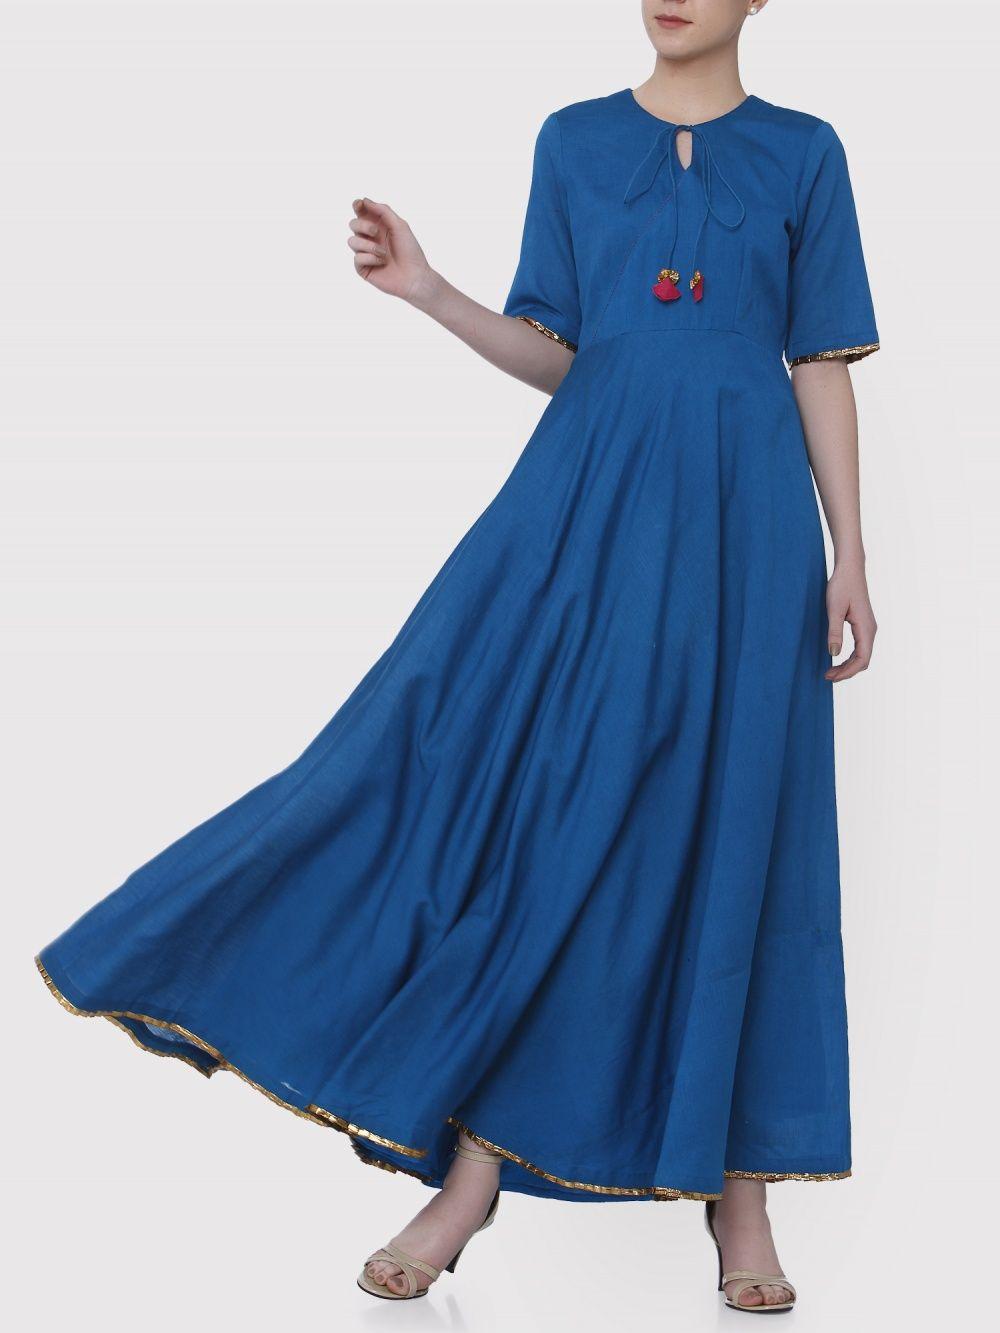 8779102afee Medhya Dresses   Buy Medhya Blue Umbrella Dress Online